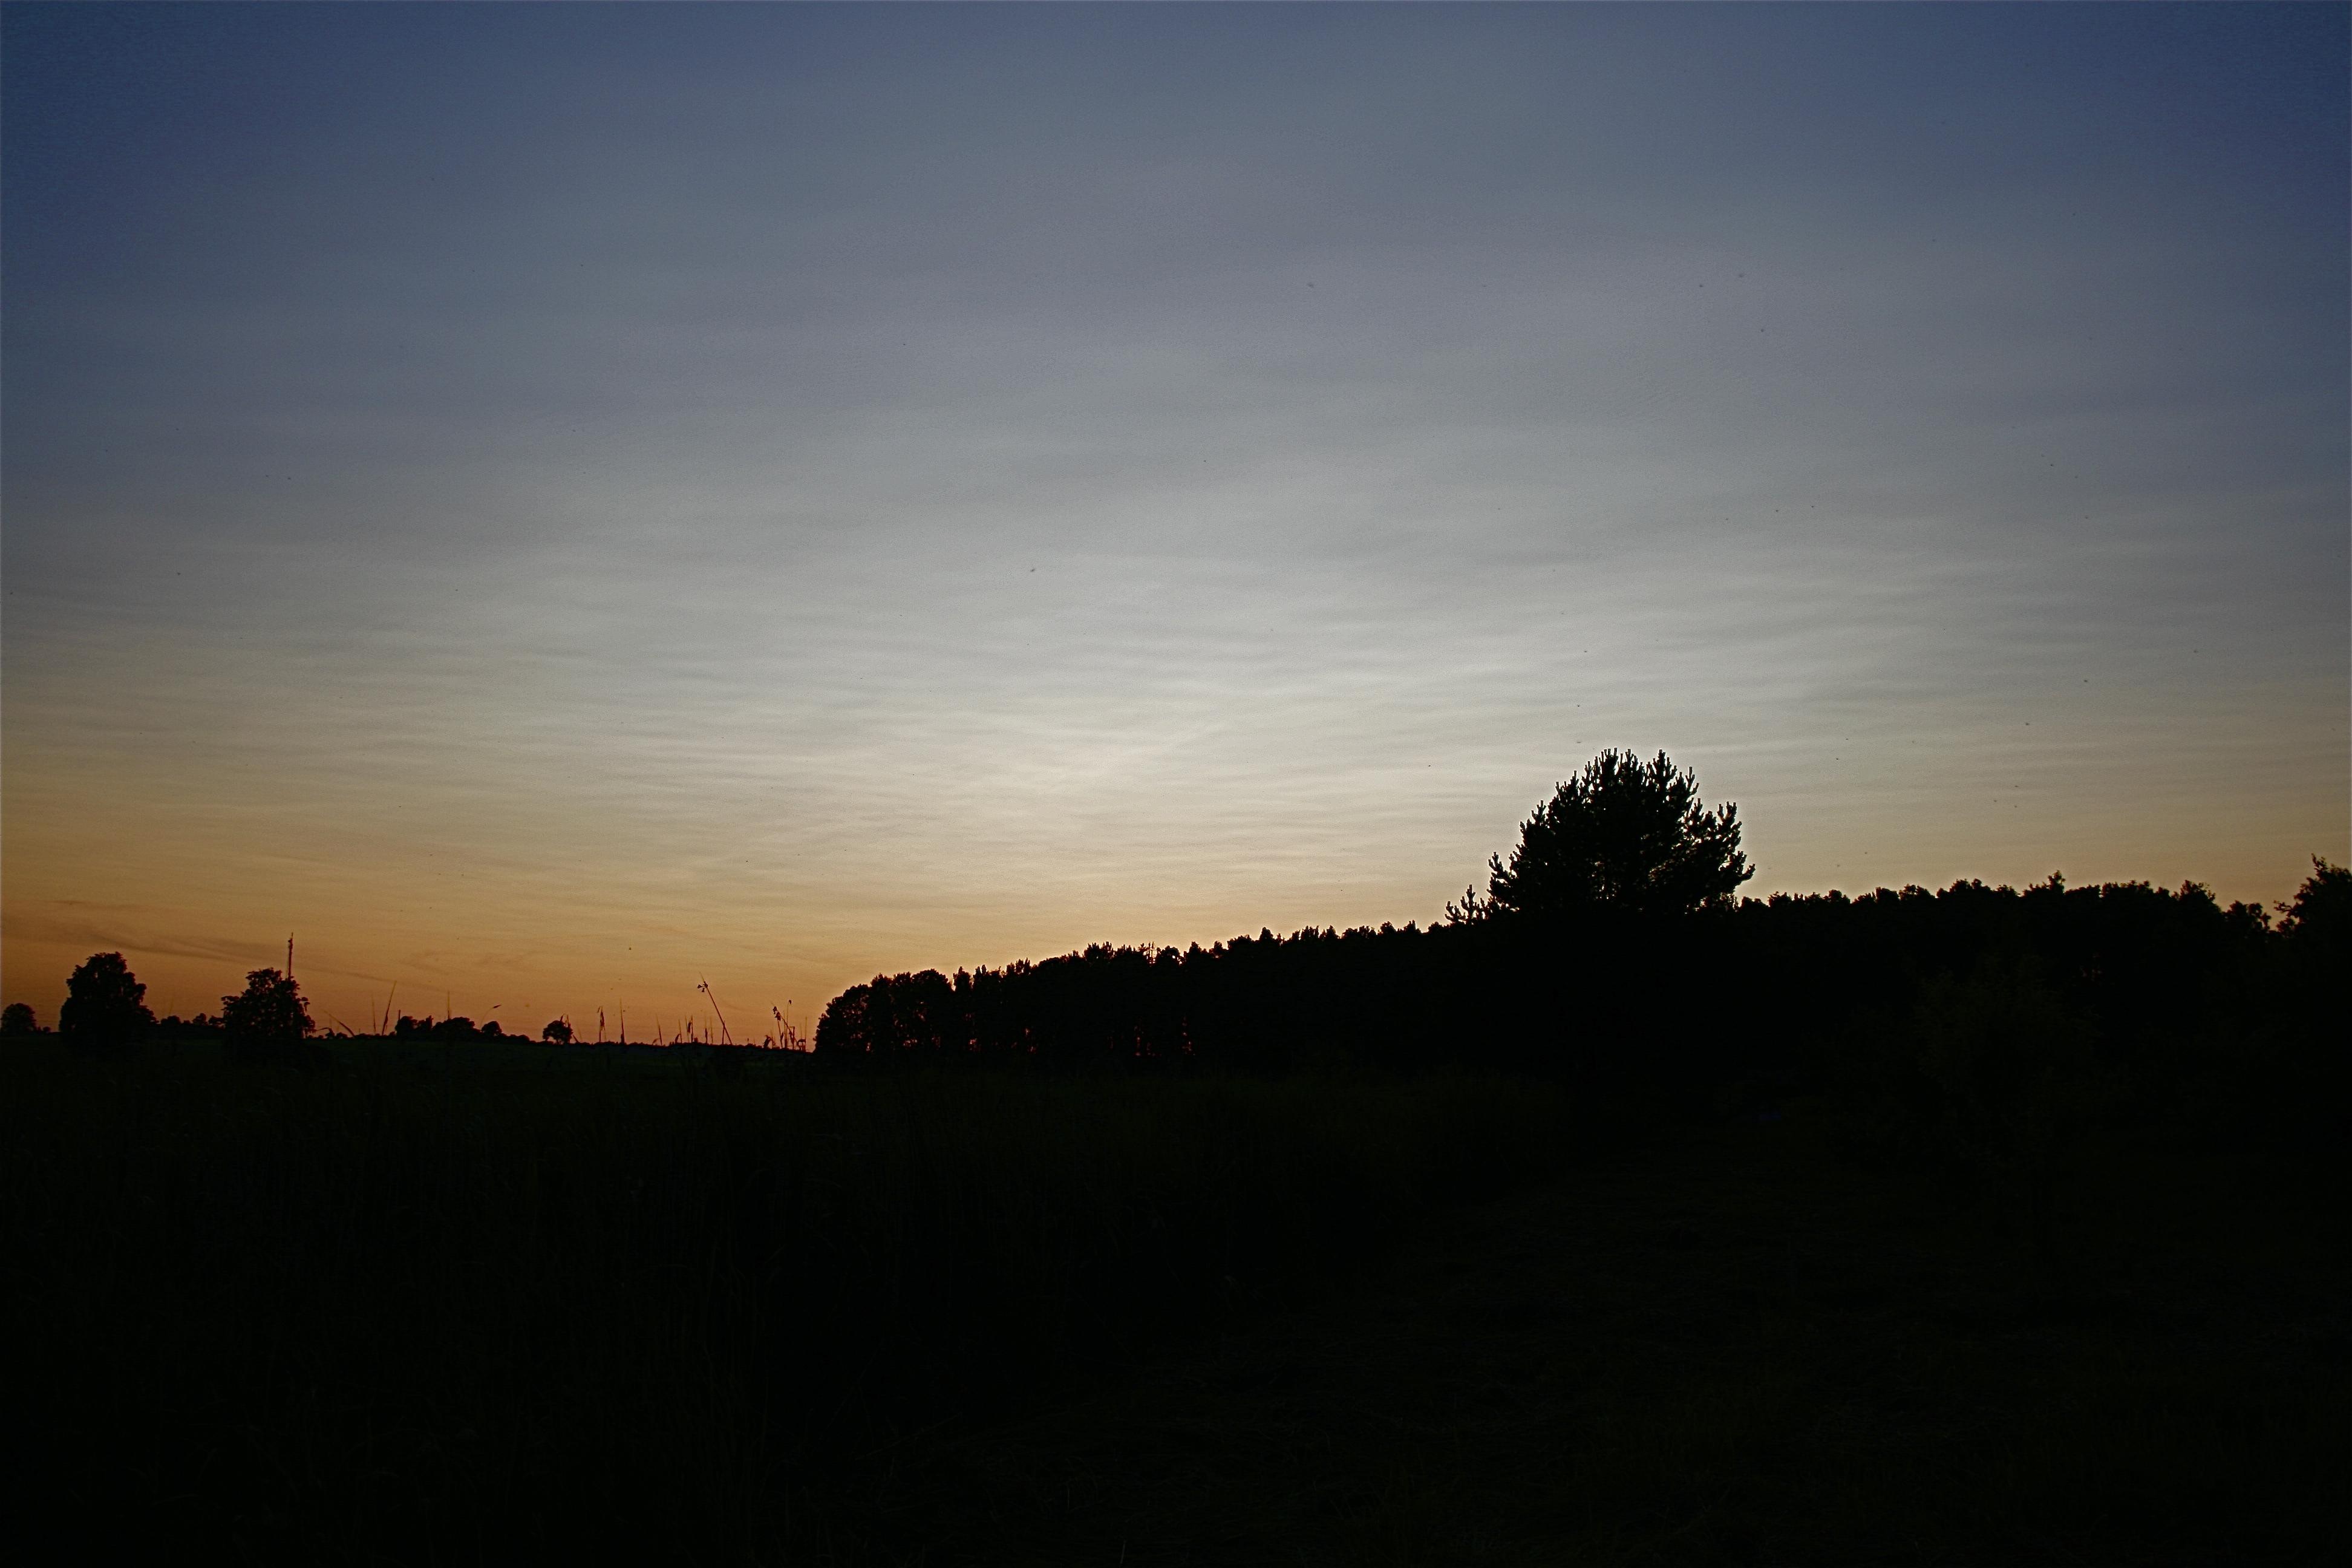 Vulkānisko pelnu saulriets Aucē 2.jūlijā(bilde apstrādāta)